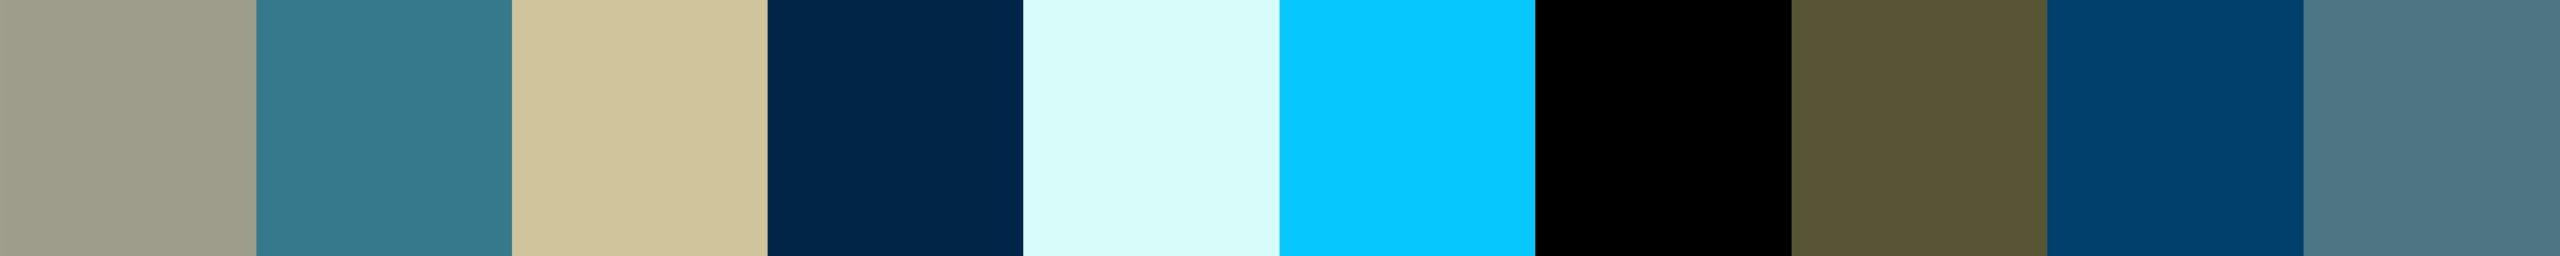 228 Rivonoucia Color Palette